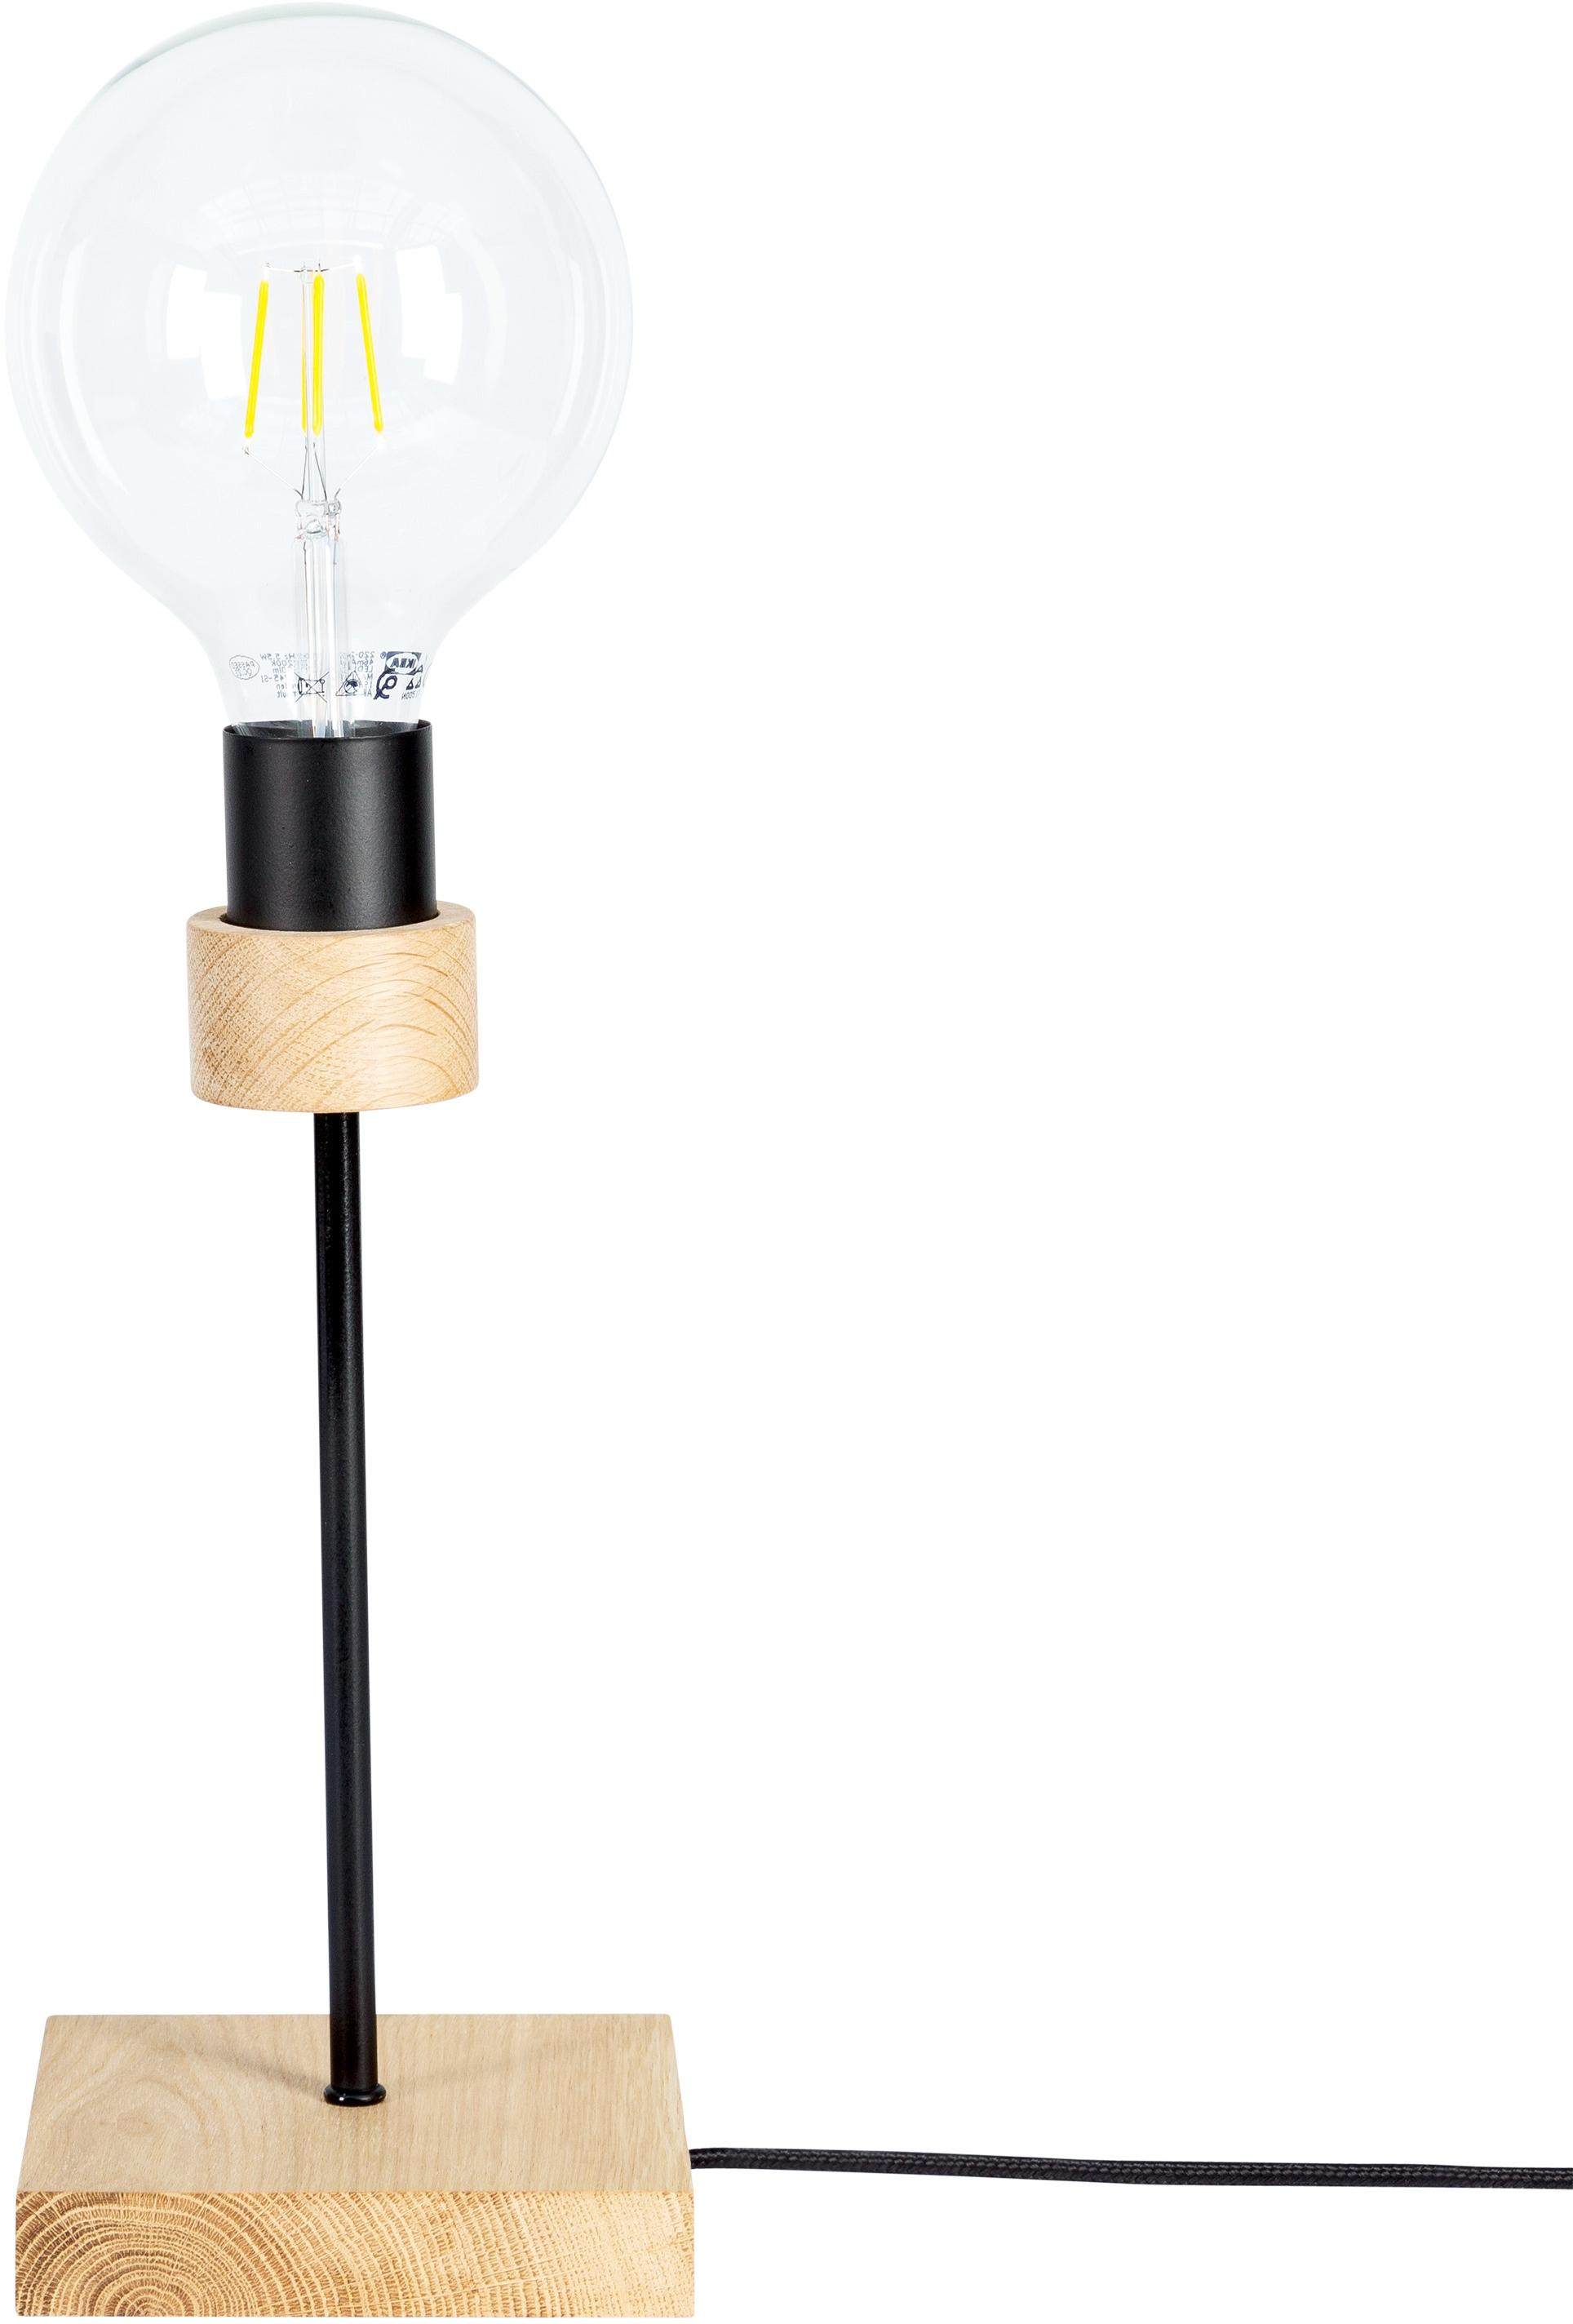 BRITOP LIGHTING Tischleuchte CHANDELLE, E27, 1 St., Naturprodukt aus Eichenholz, Nachhaltig mit FSC-Zertifikat, passende LM E27/exclusive, Made in EU